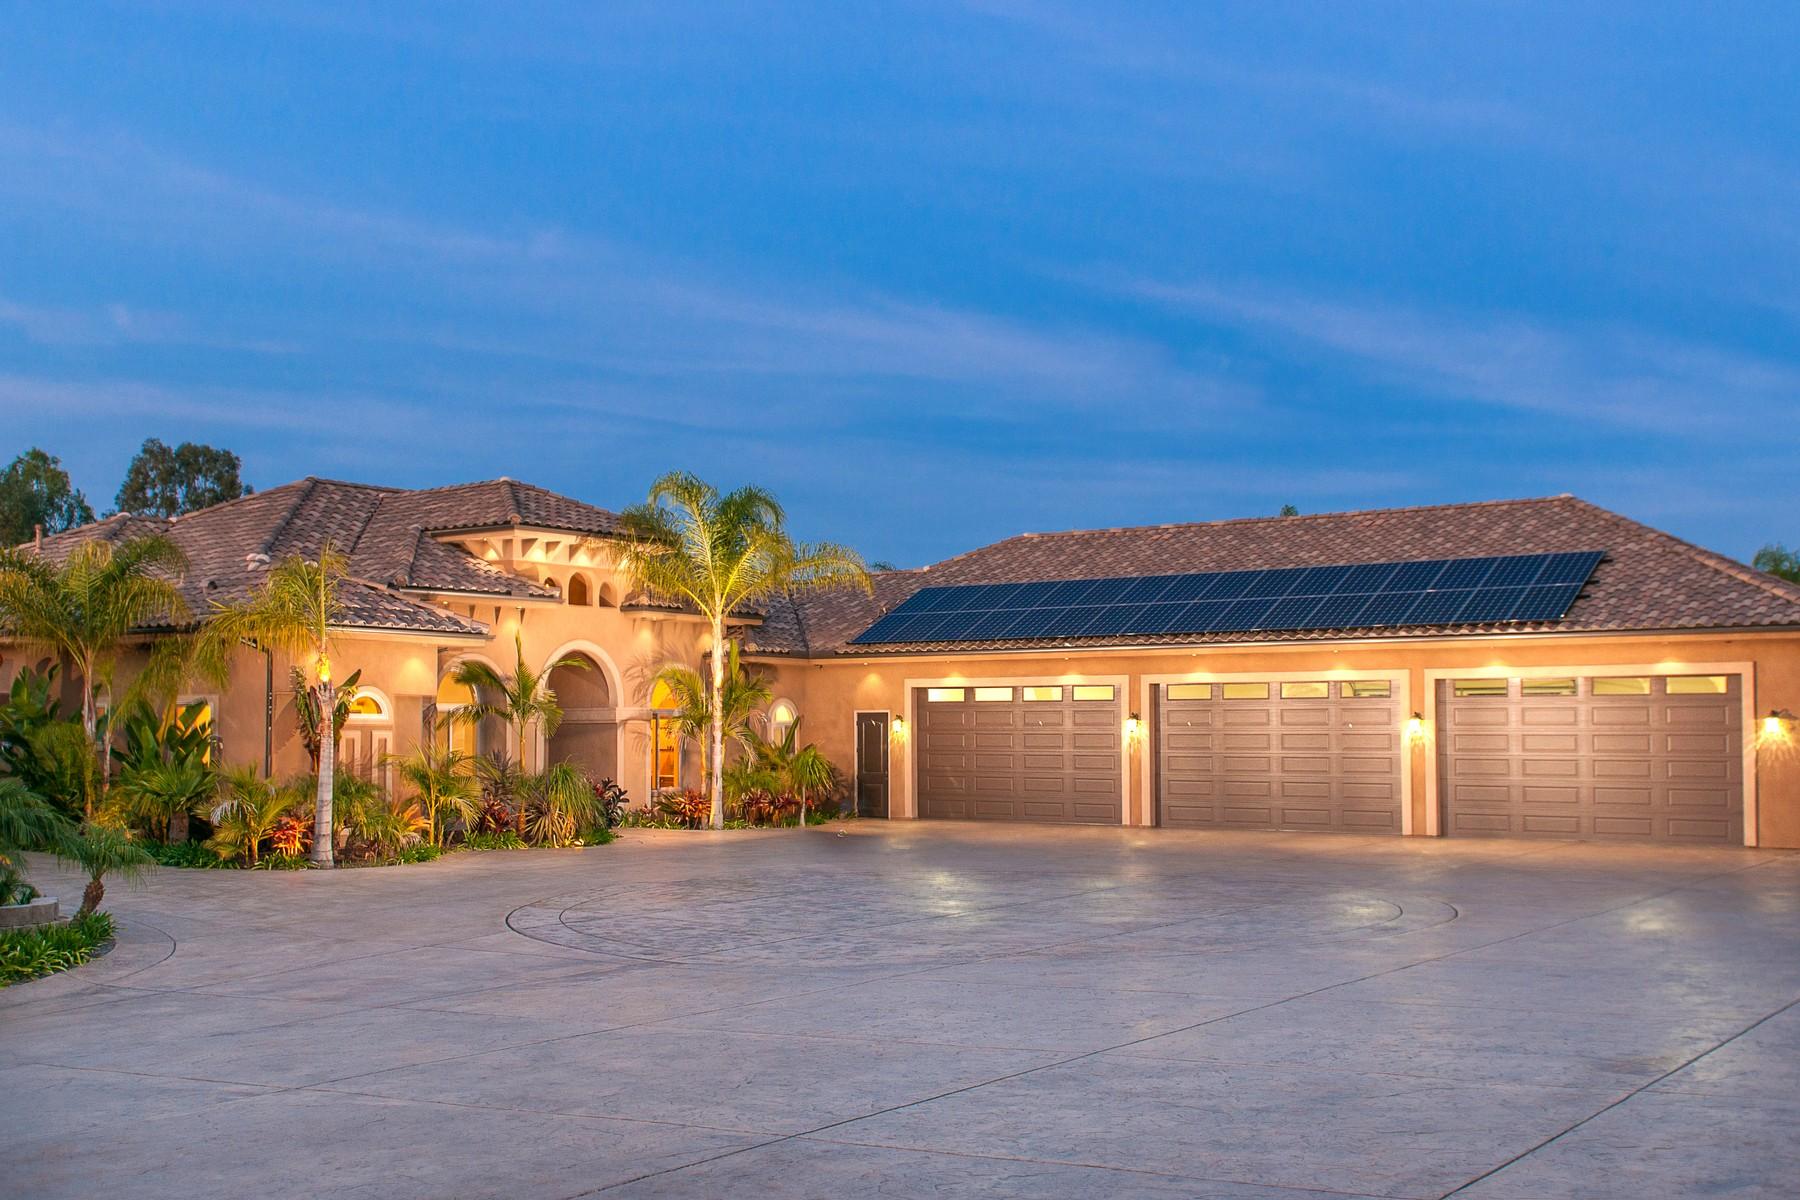 Casa Unifamiliar por un Venta en 1000 Miramar Drive Vista, California, 92081 Estados Unidos